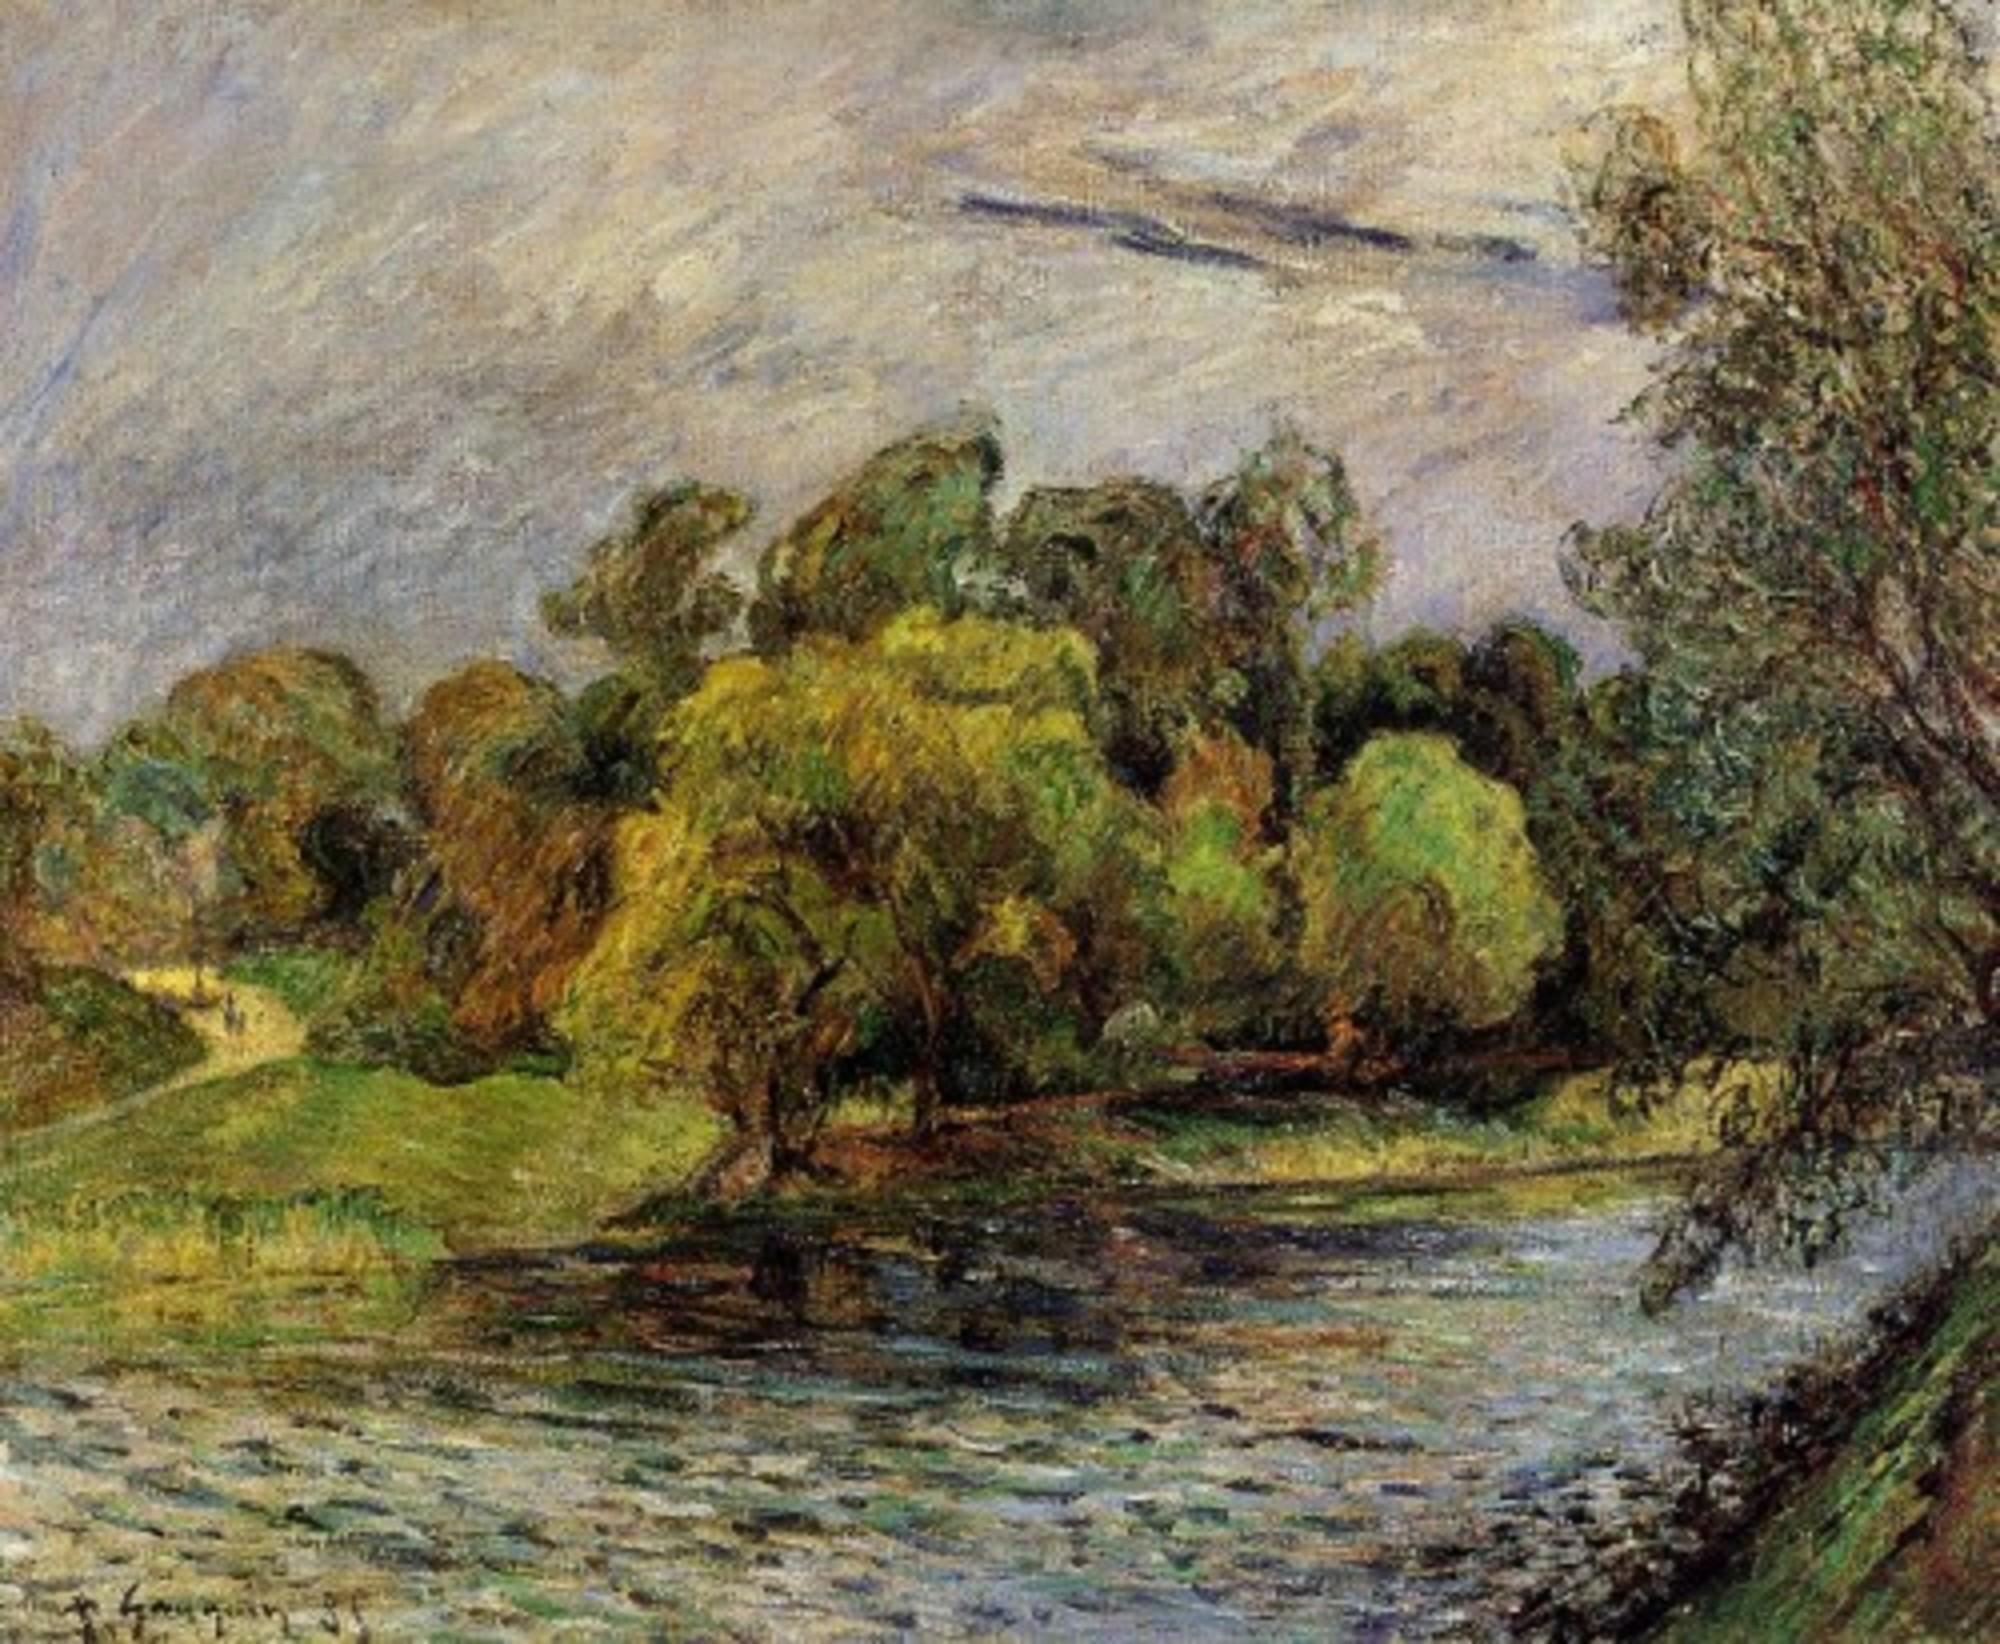 Gauguin-1885-Le-Parc-dOstervold-a-Copenhague.jpg